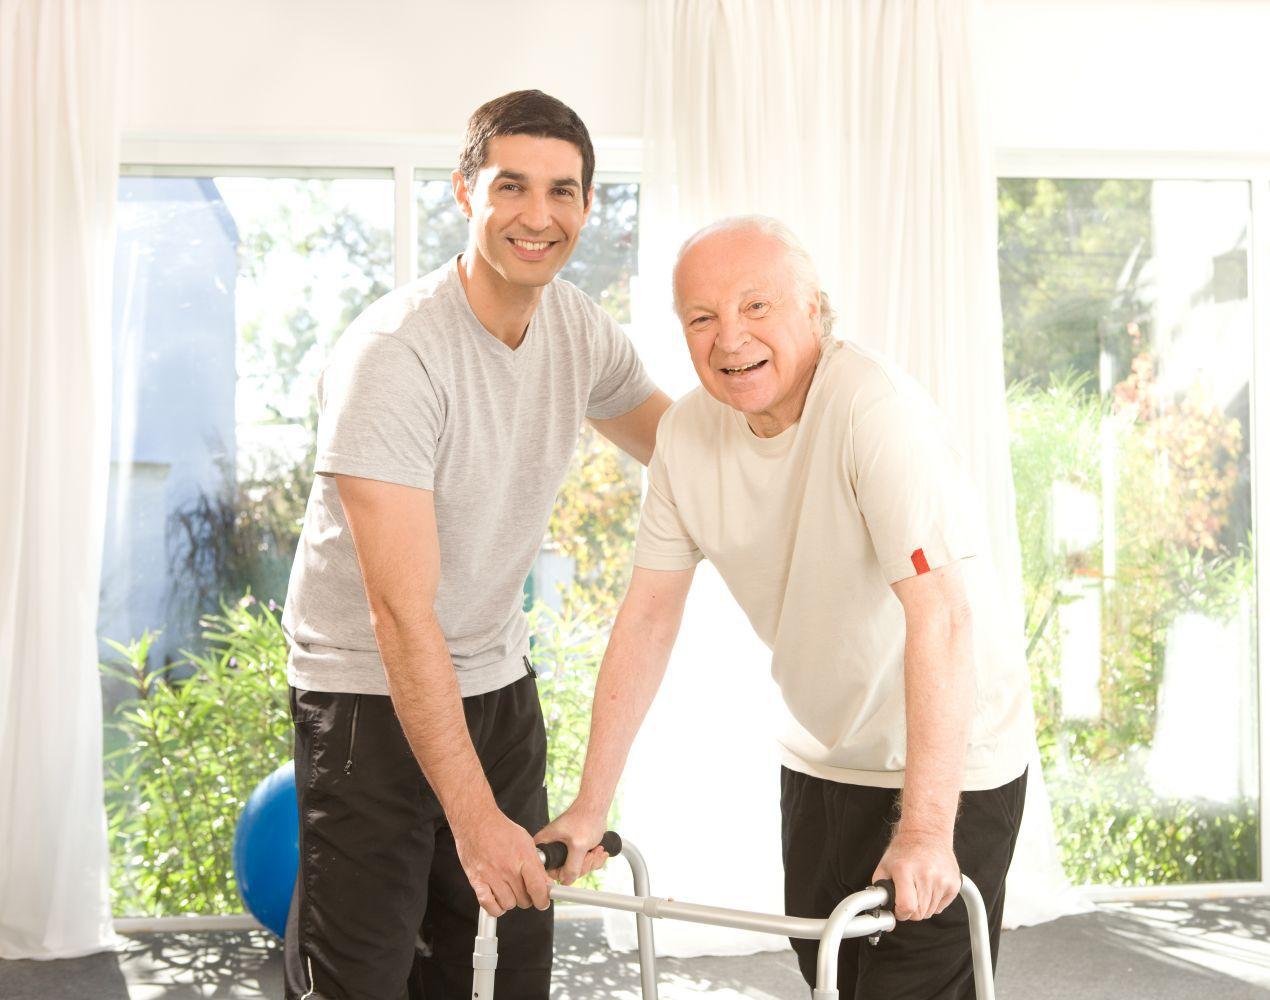 Может ли пенсионер быть опекуном пожилого (недееспособного) человека после 80 лет?